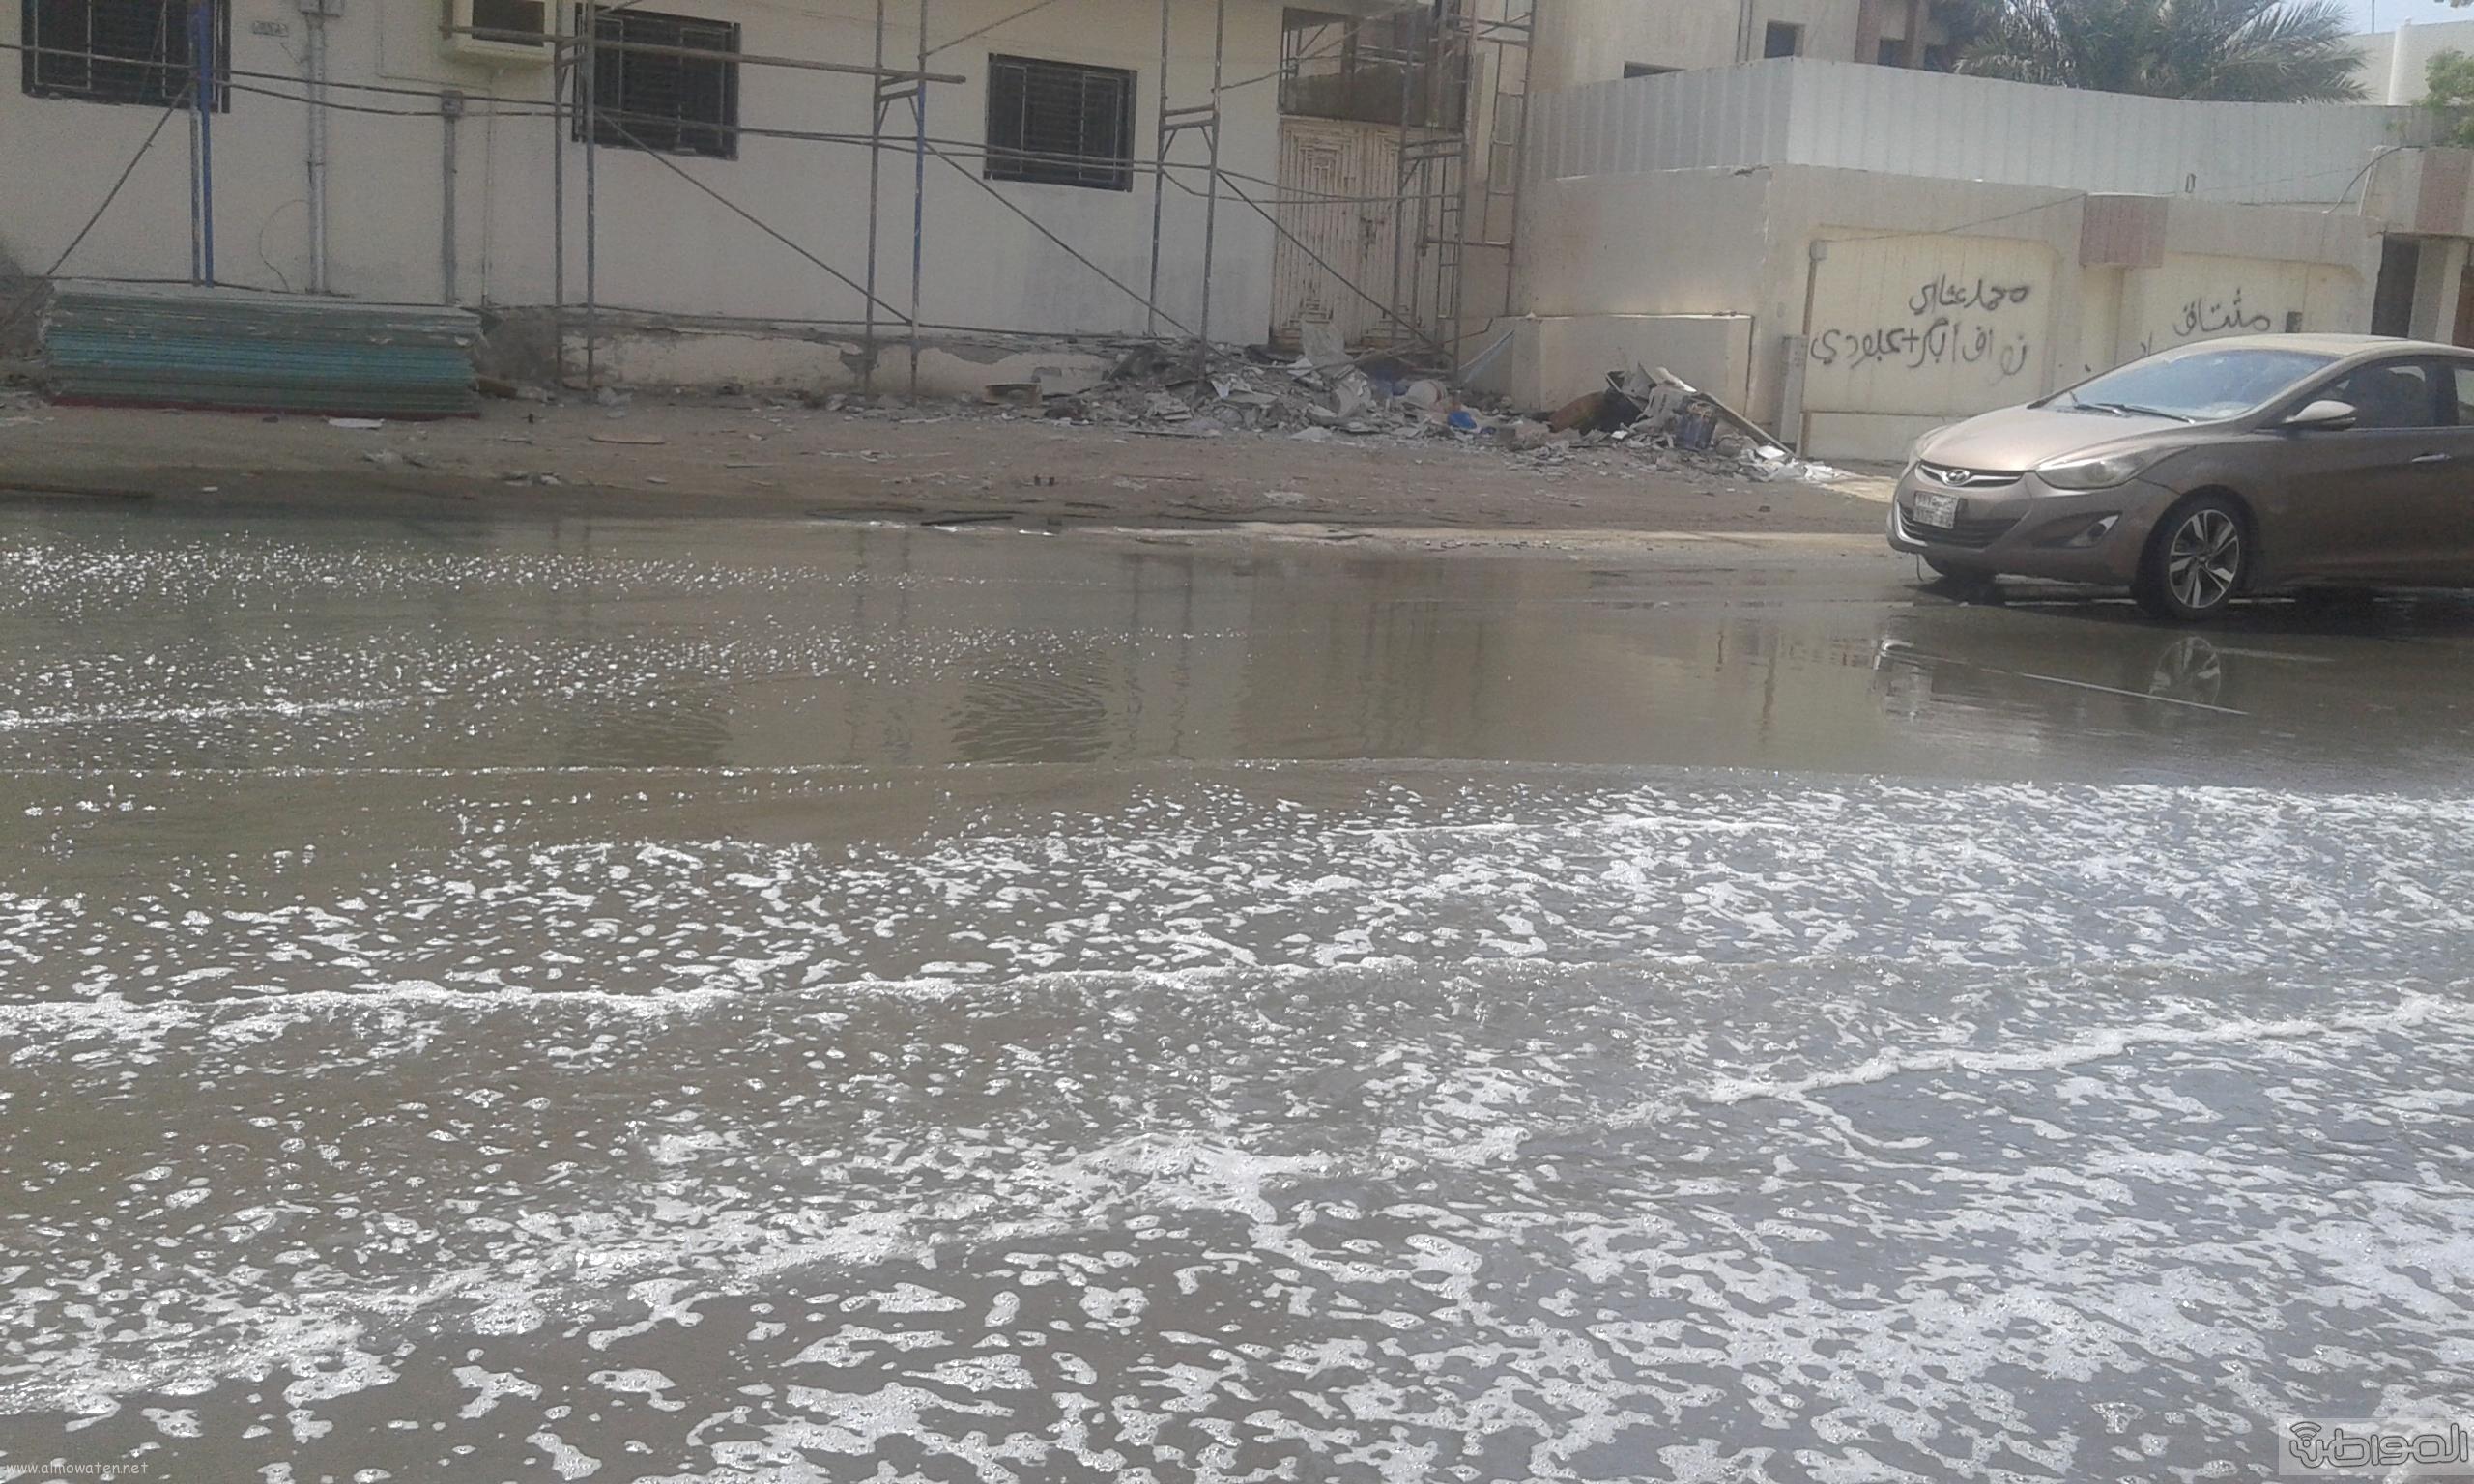 مياه الصرف الصحي تحاصر مسجد ومباني حكومية بروضة جازان (4)